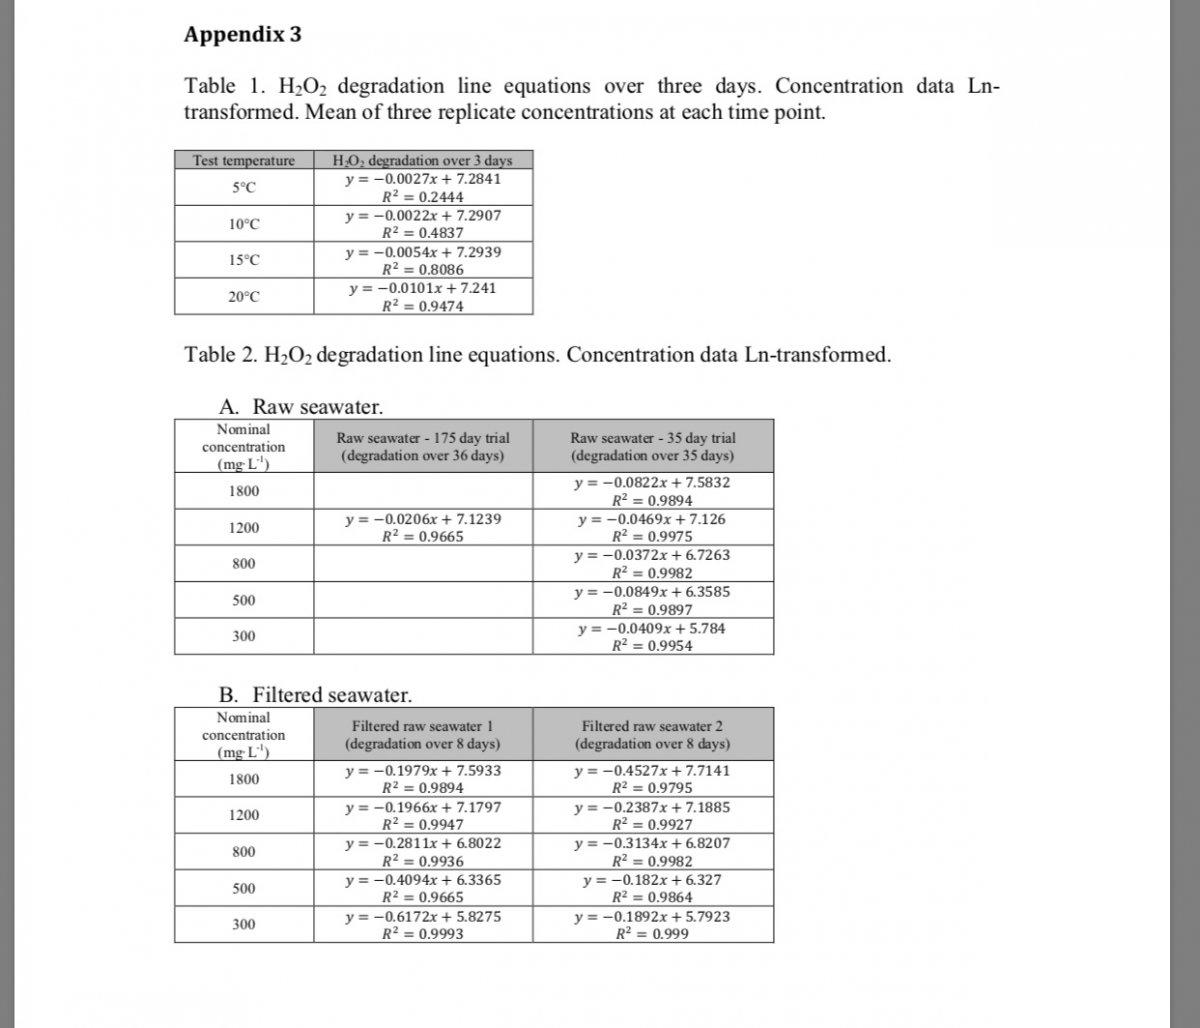 91402EBB-2F56-4791-AF65-ACF6E728A3FE.jpeg